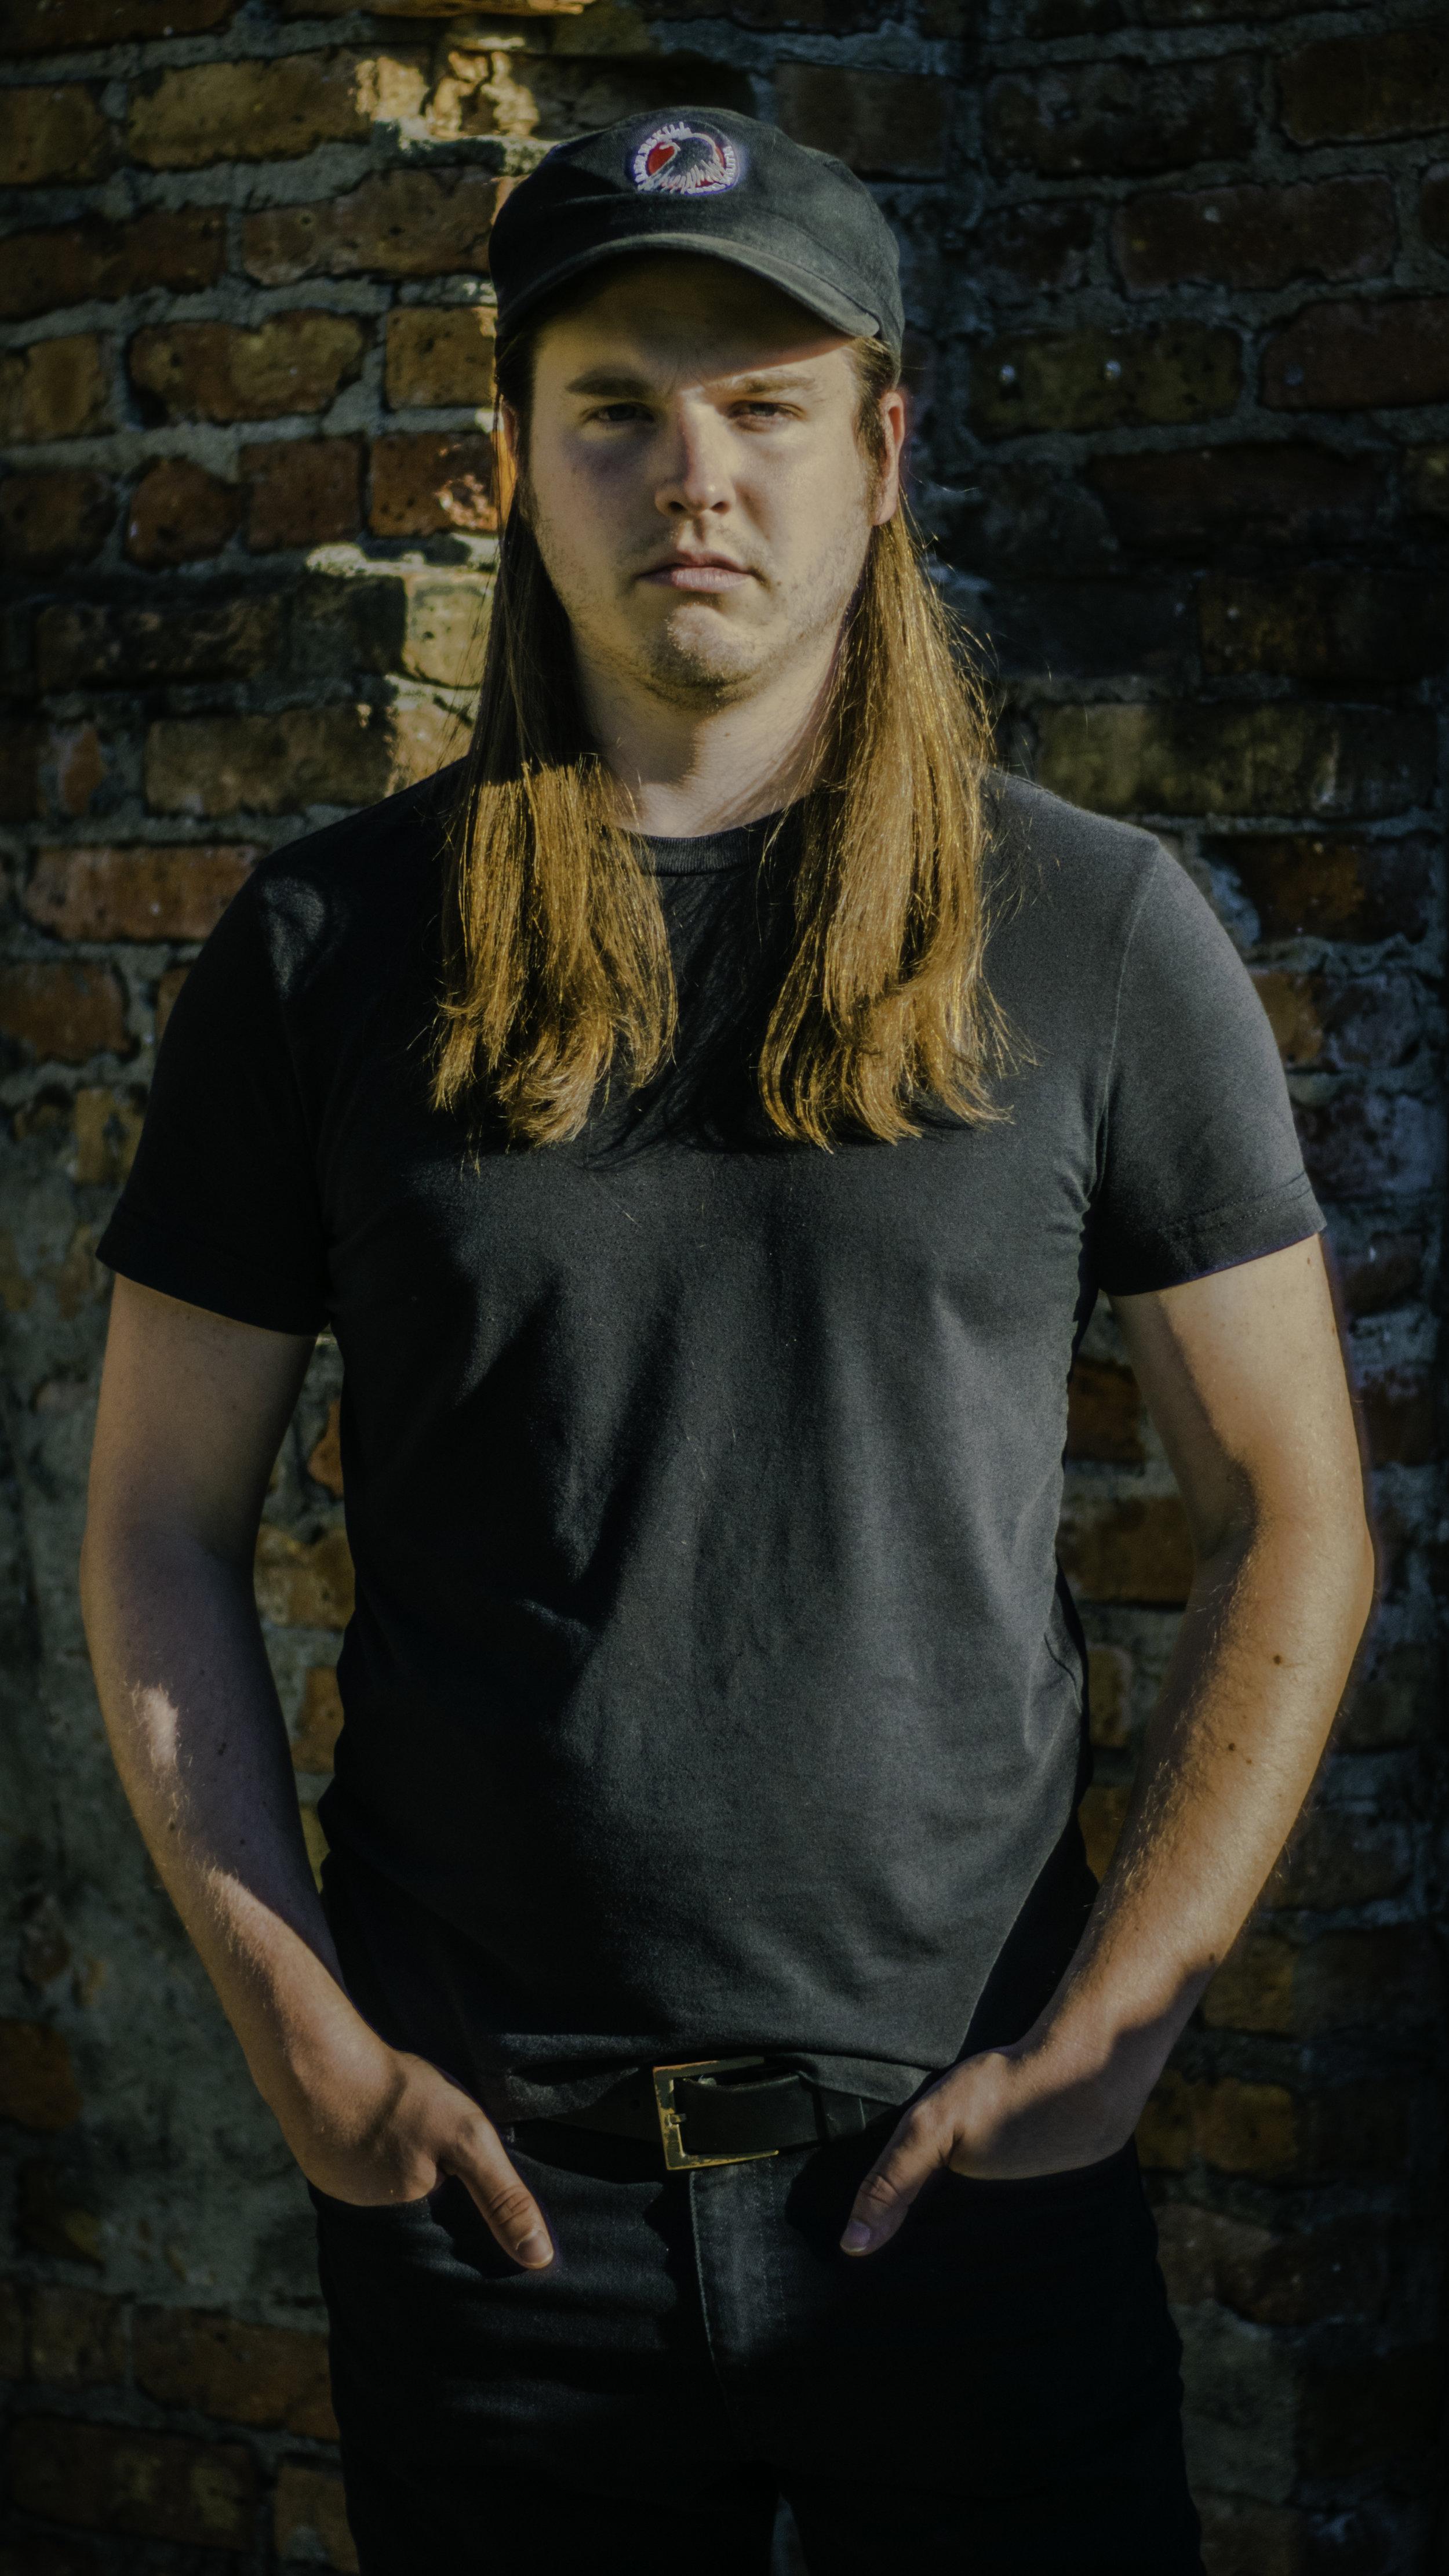 Luke Mellinger - vocals